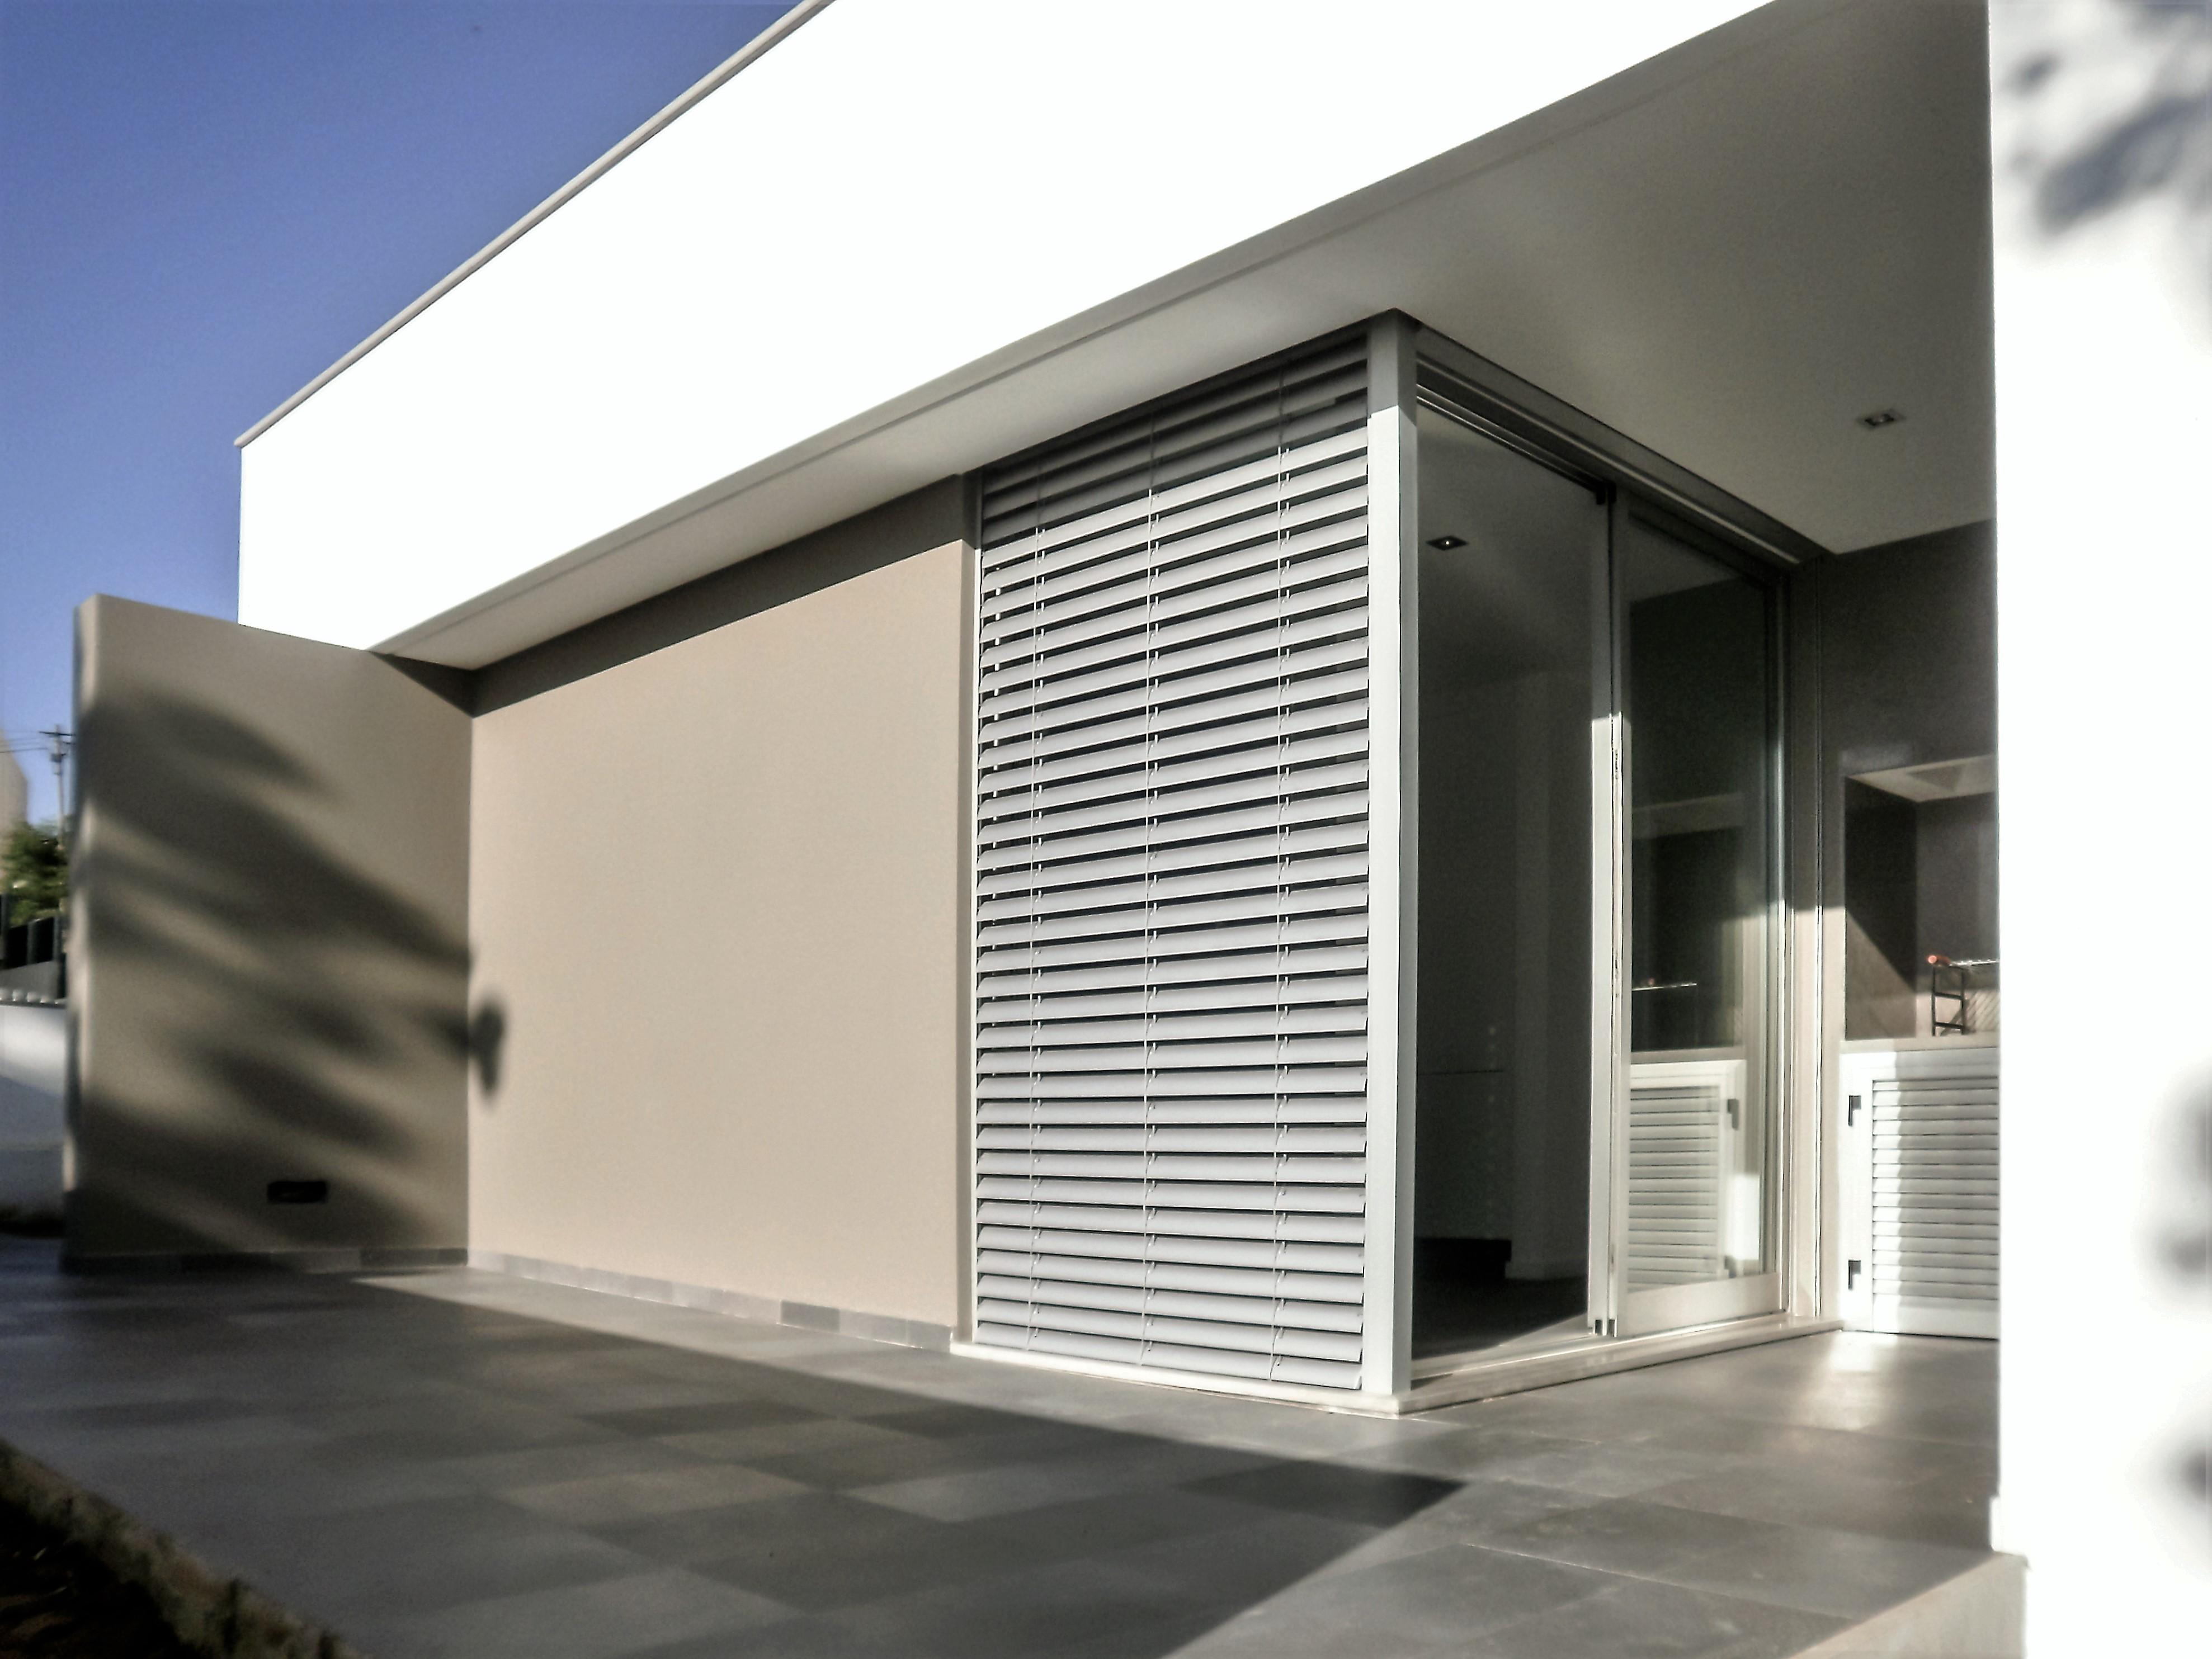 Moradia t4 l25 alvor portim o belc arquitectos for Arquitecto t4